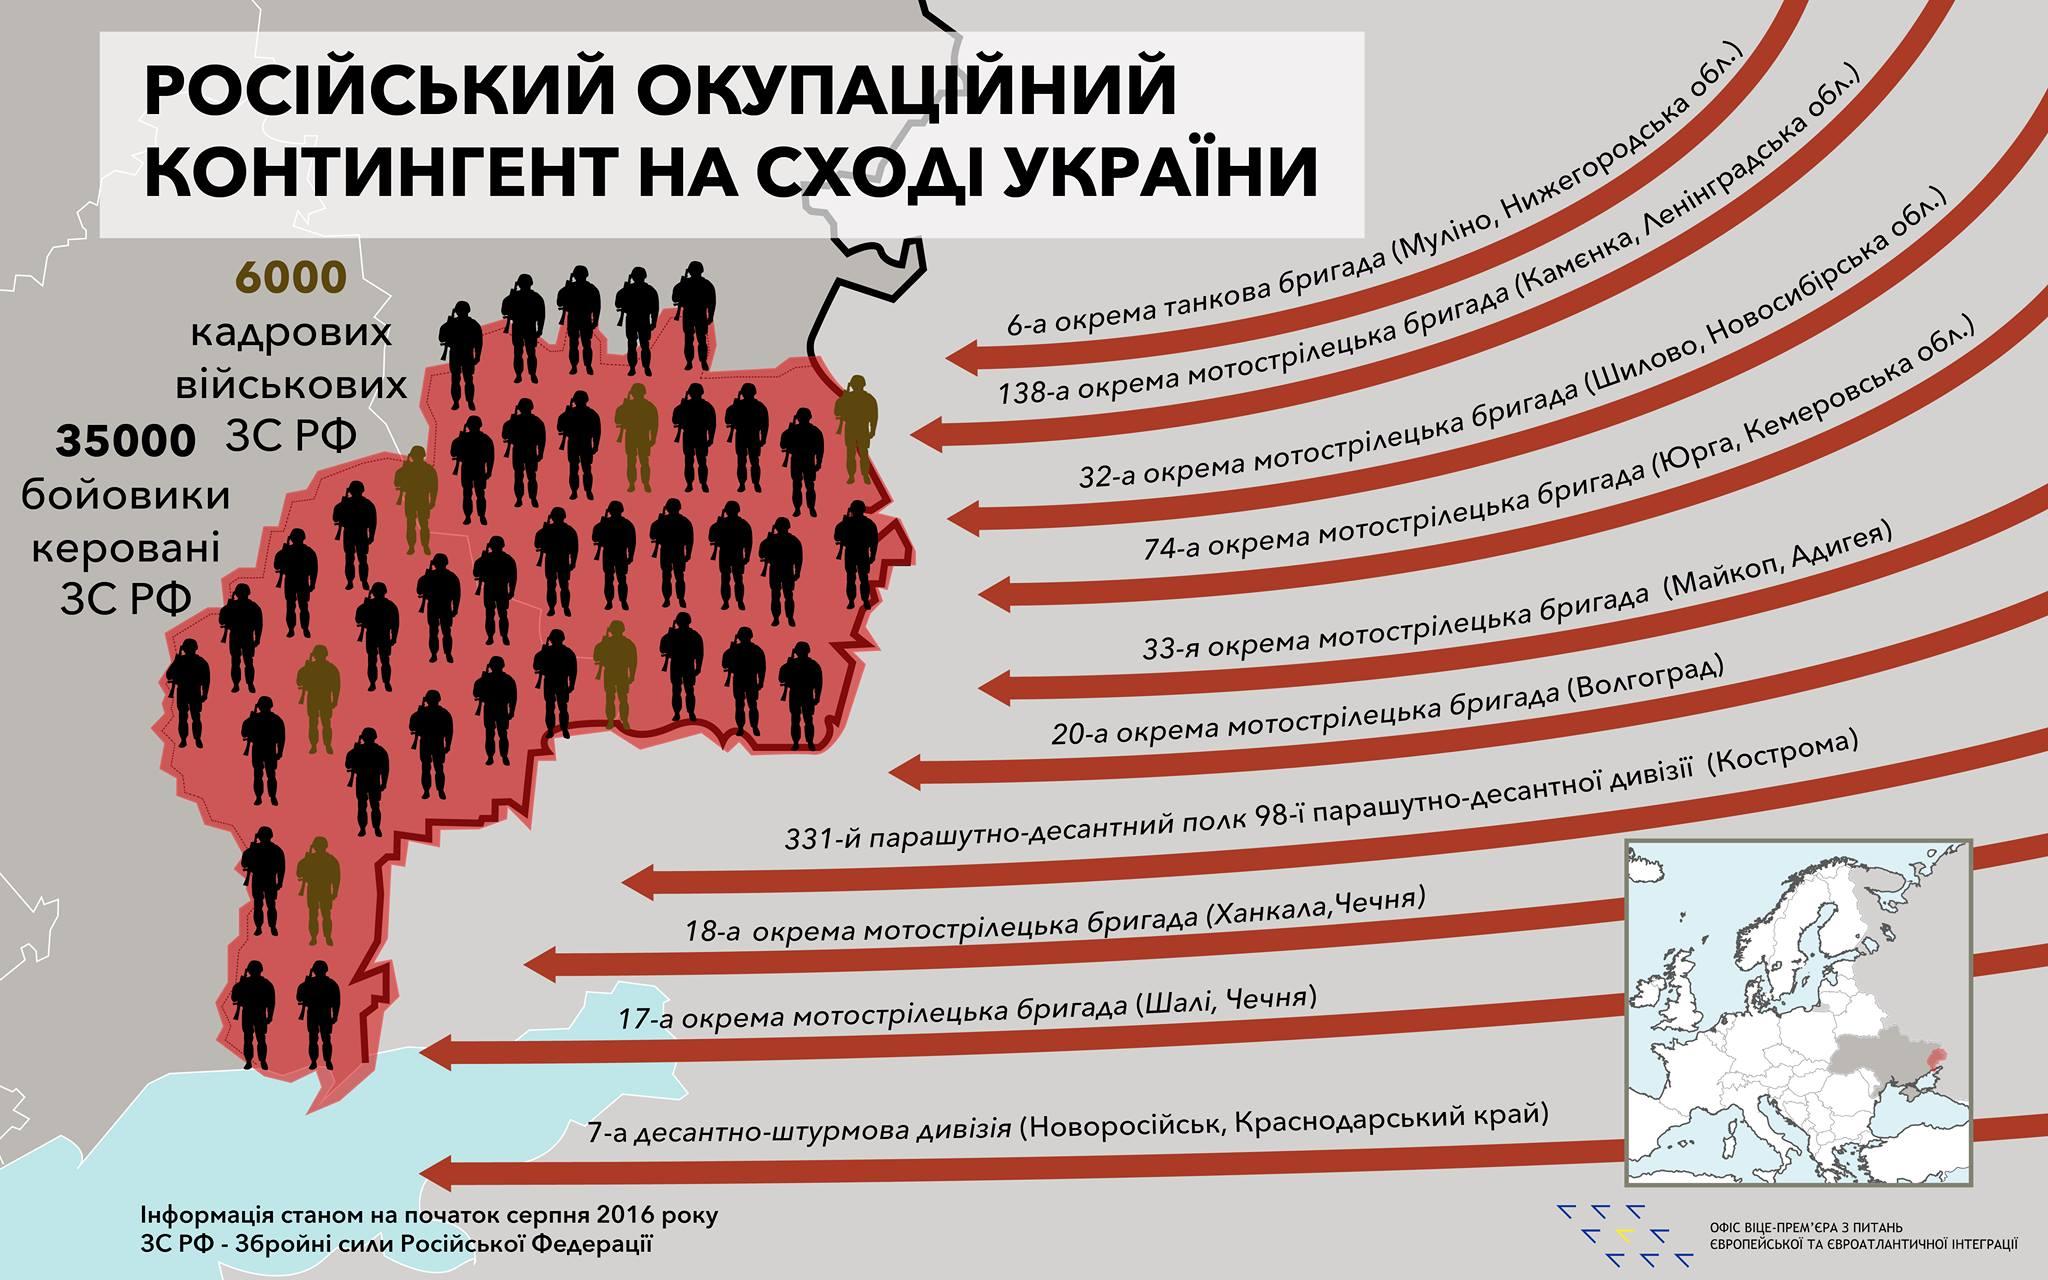 В Донбассе воюют 6 тысяч кадровых военных РФ: инфографика